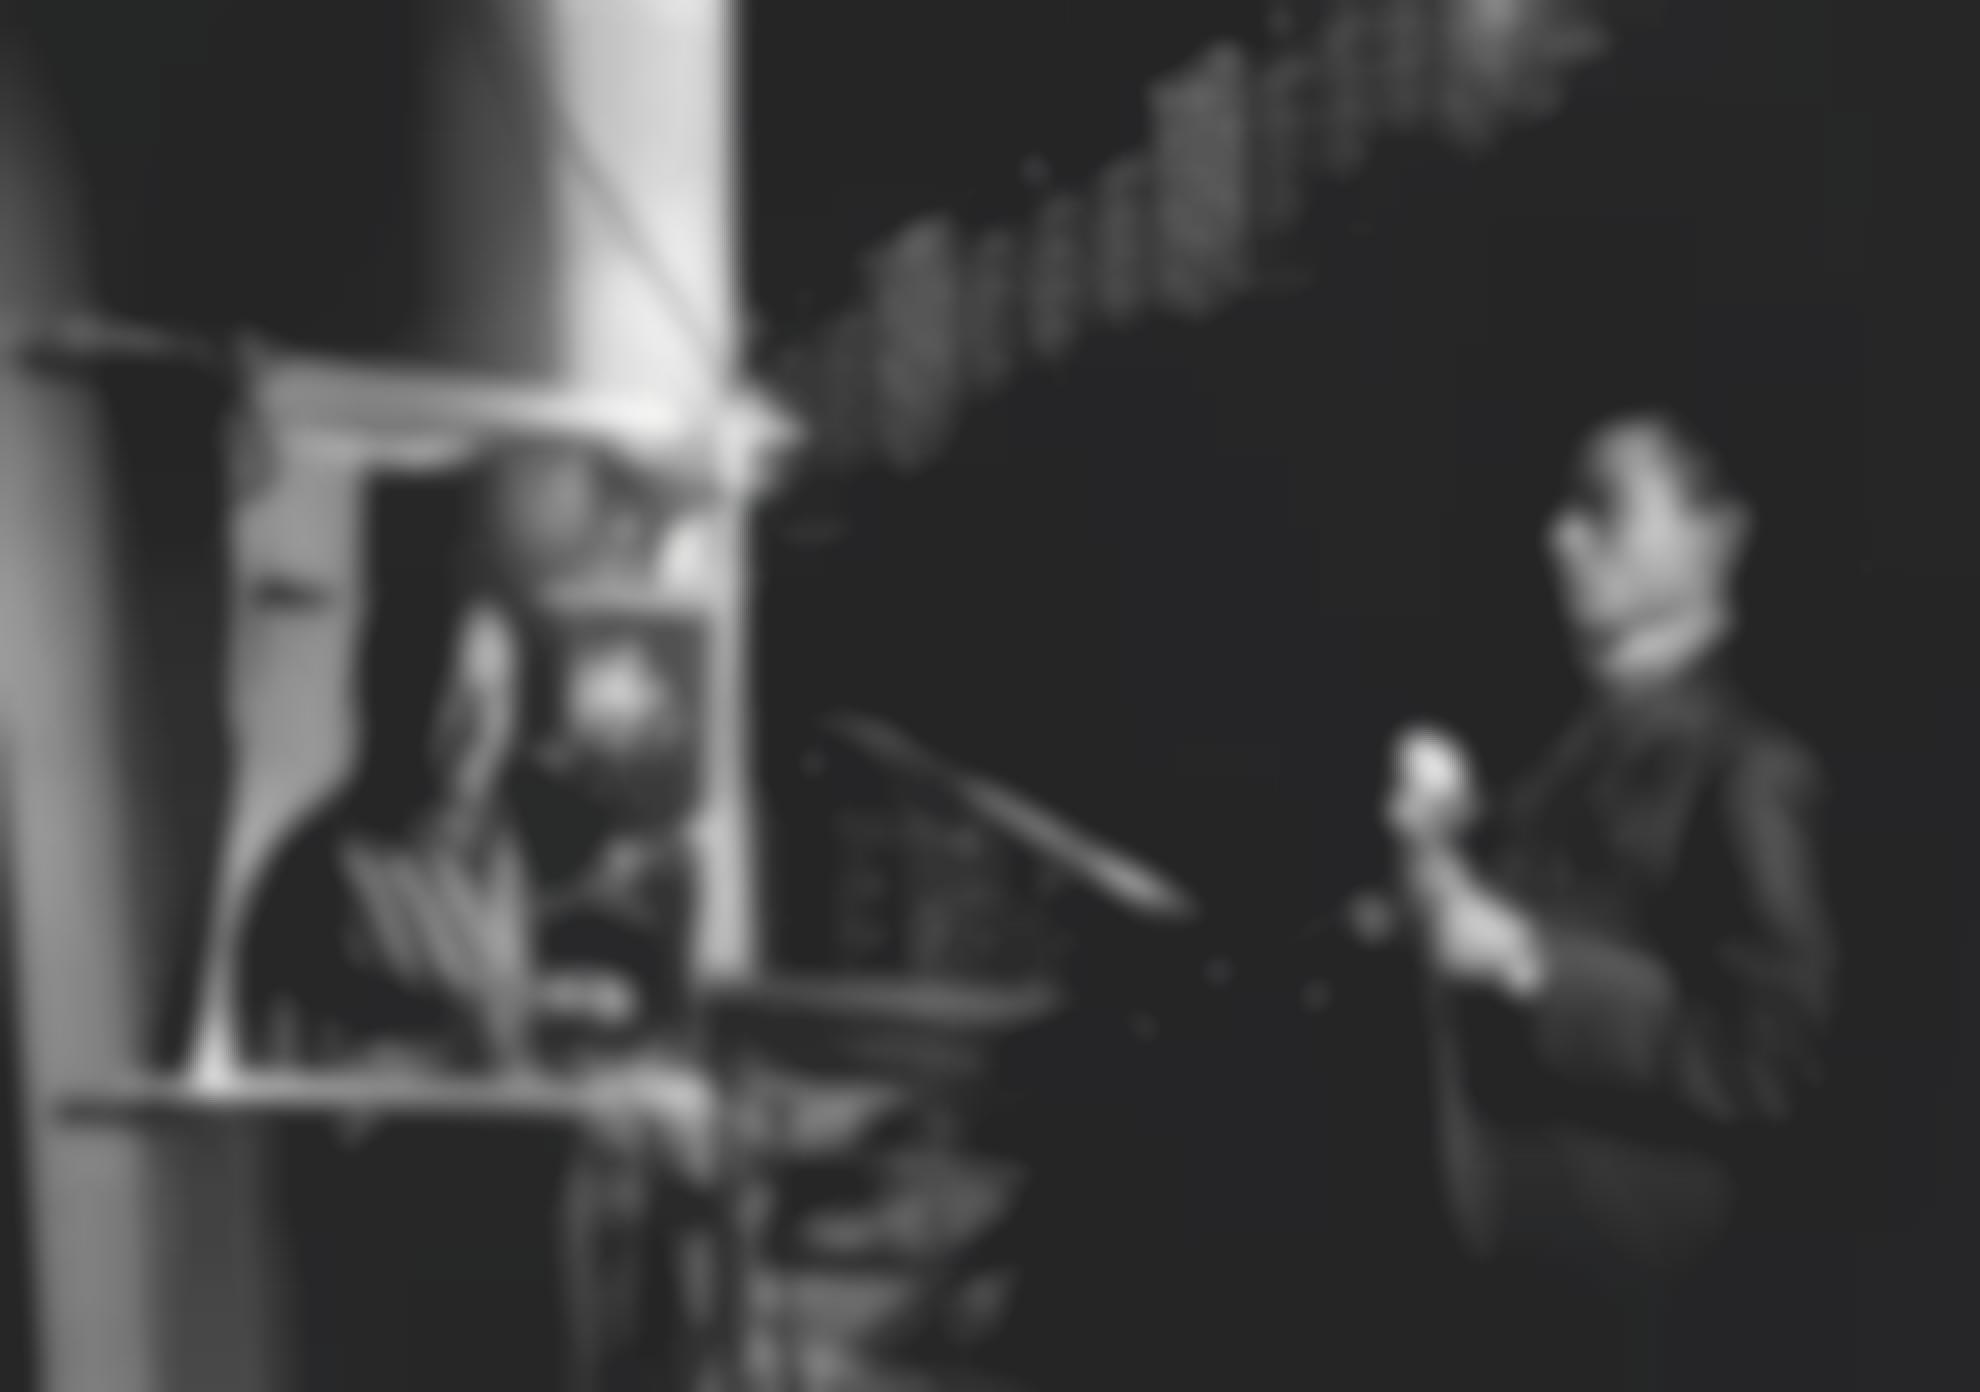 Isaac Julien-Hommage Noir (Looking For Langston Vintage Series)-2016